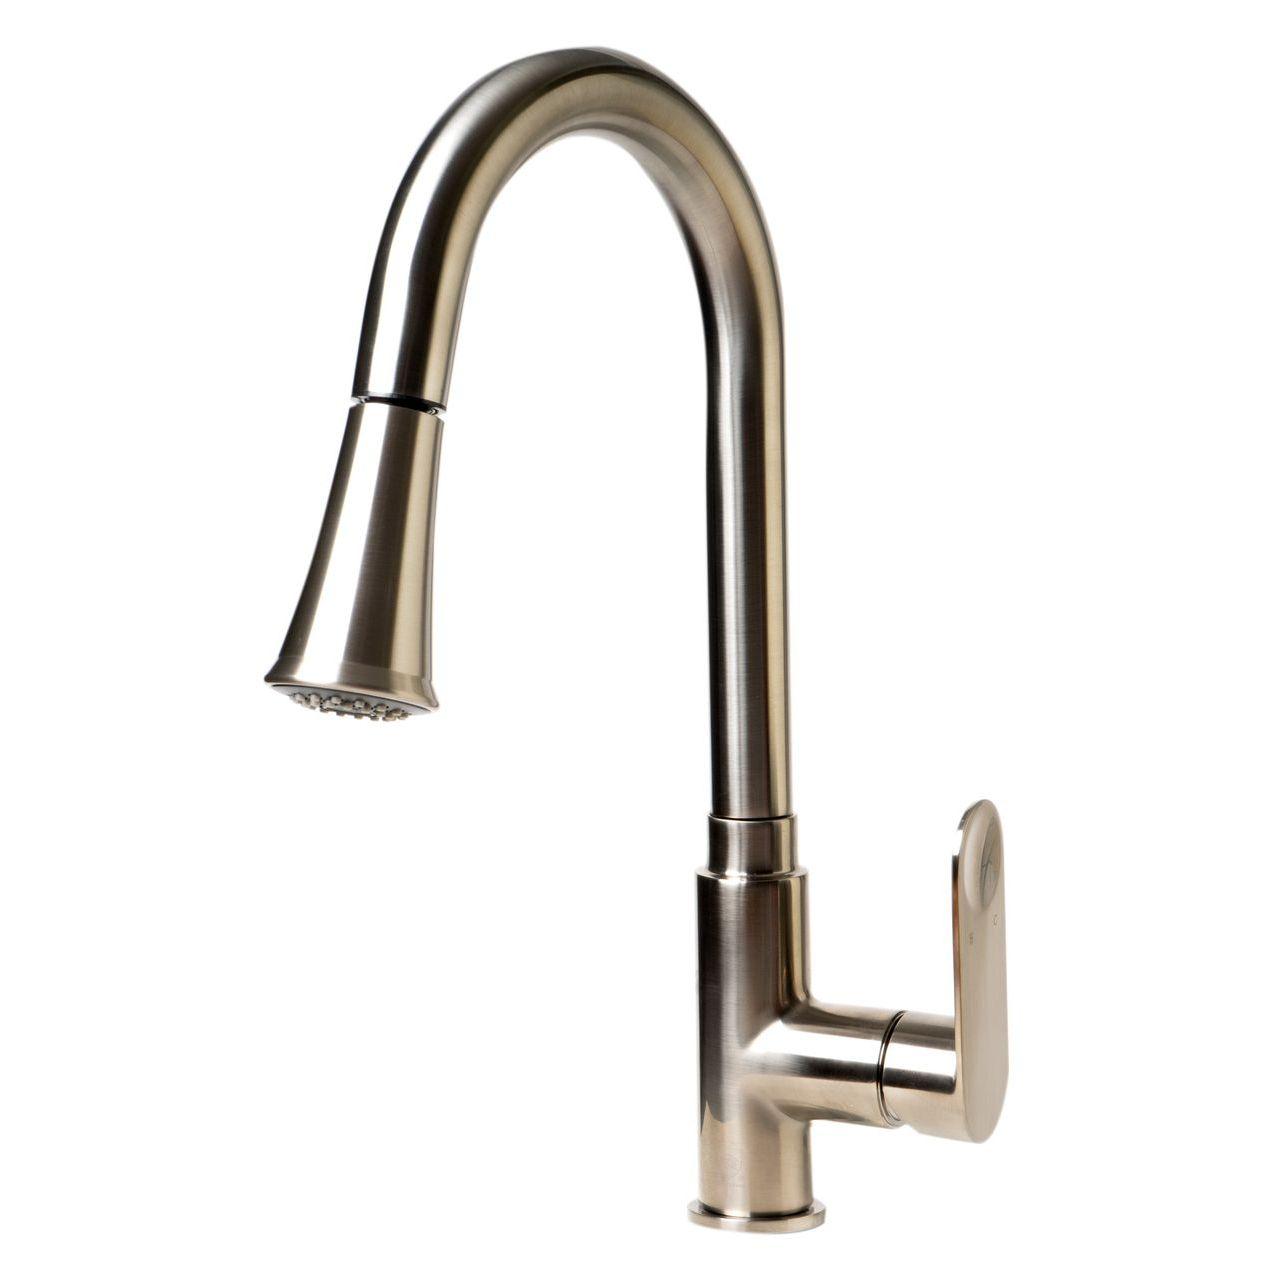 ALFI Brushed Nickel Gooseneck Pull Down Kitchen Faucet